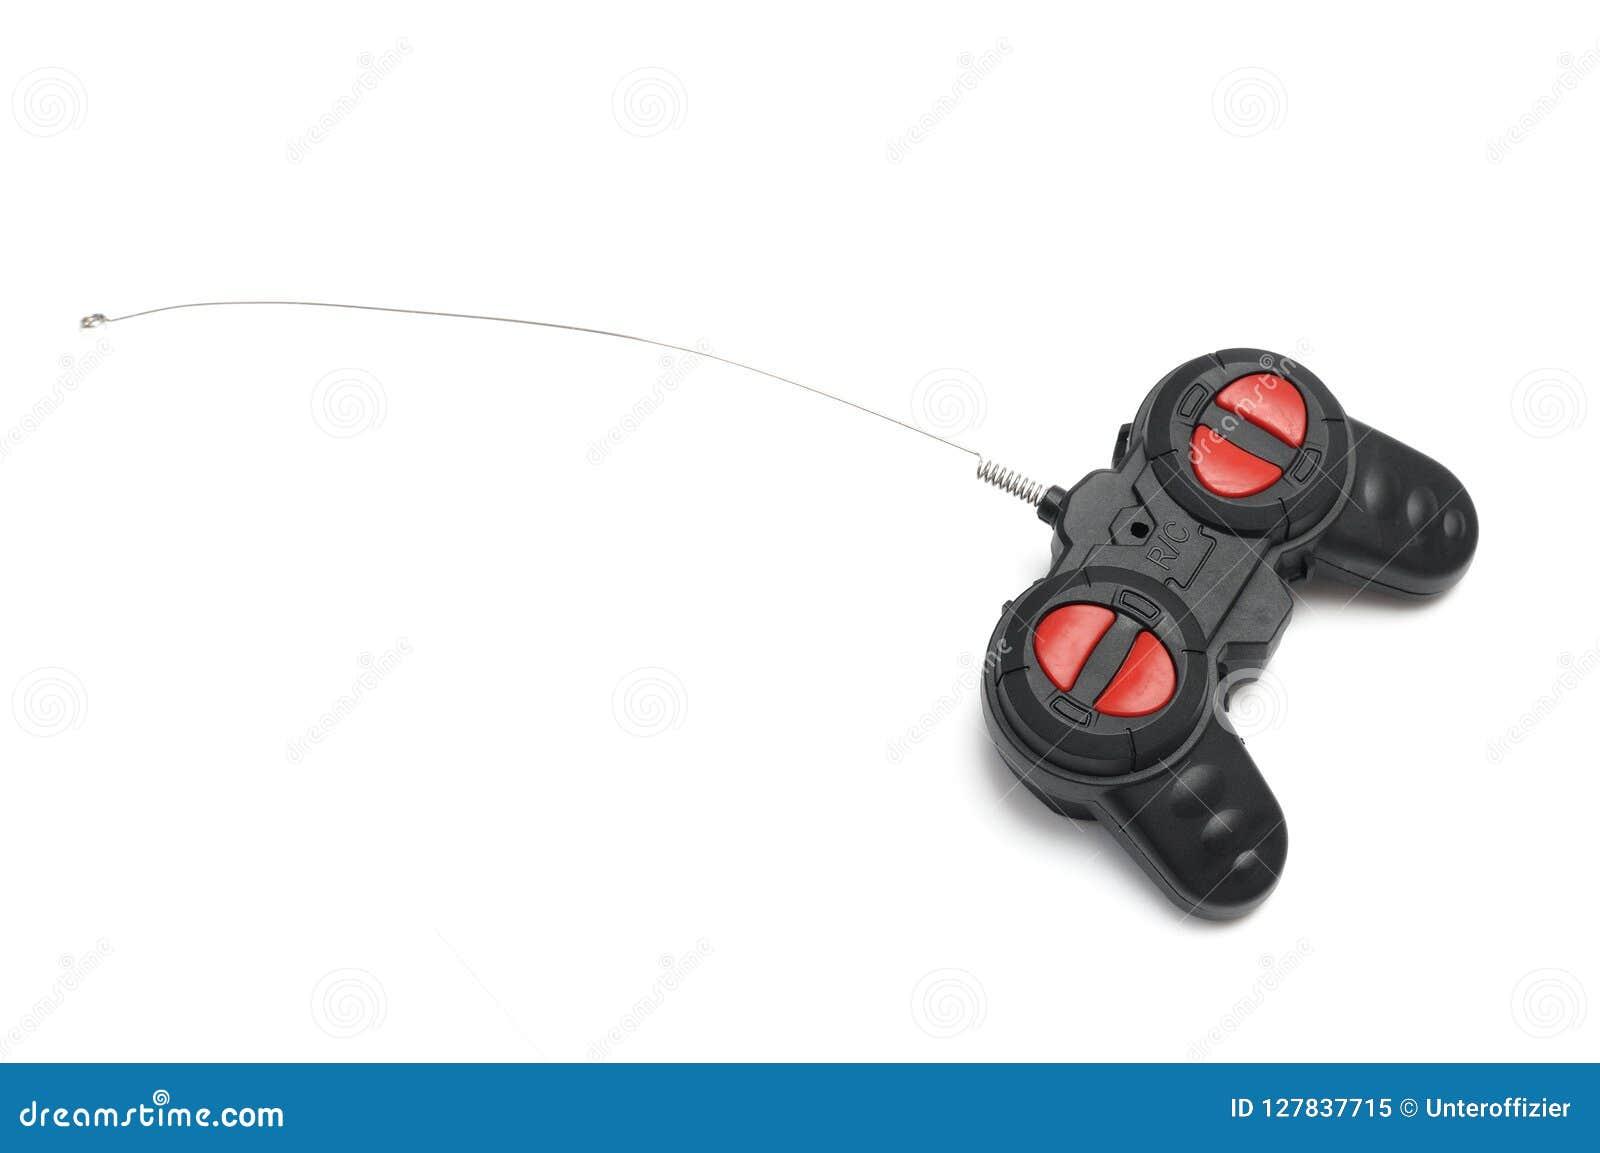 Un contrôleur à distance par radio noir du contrôle RC avec des boutons rouges et une antenne fine